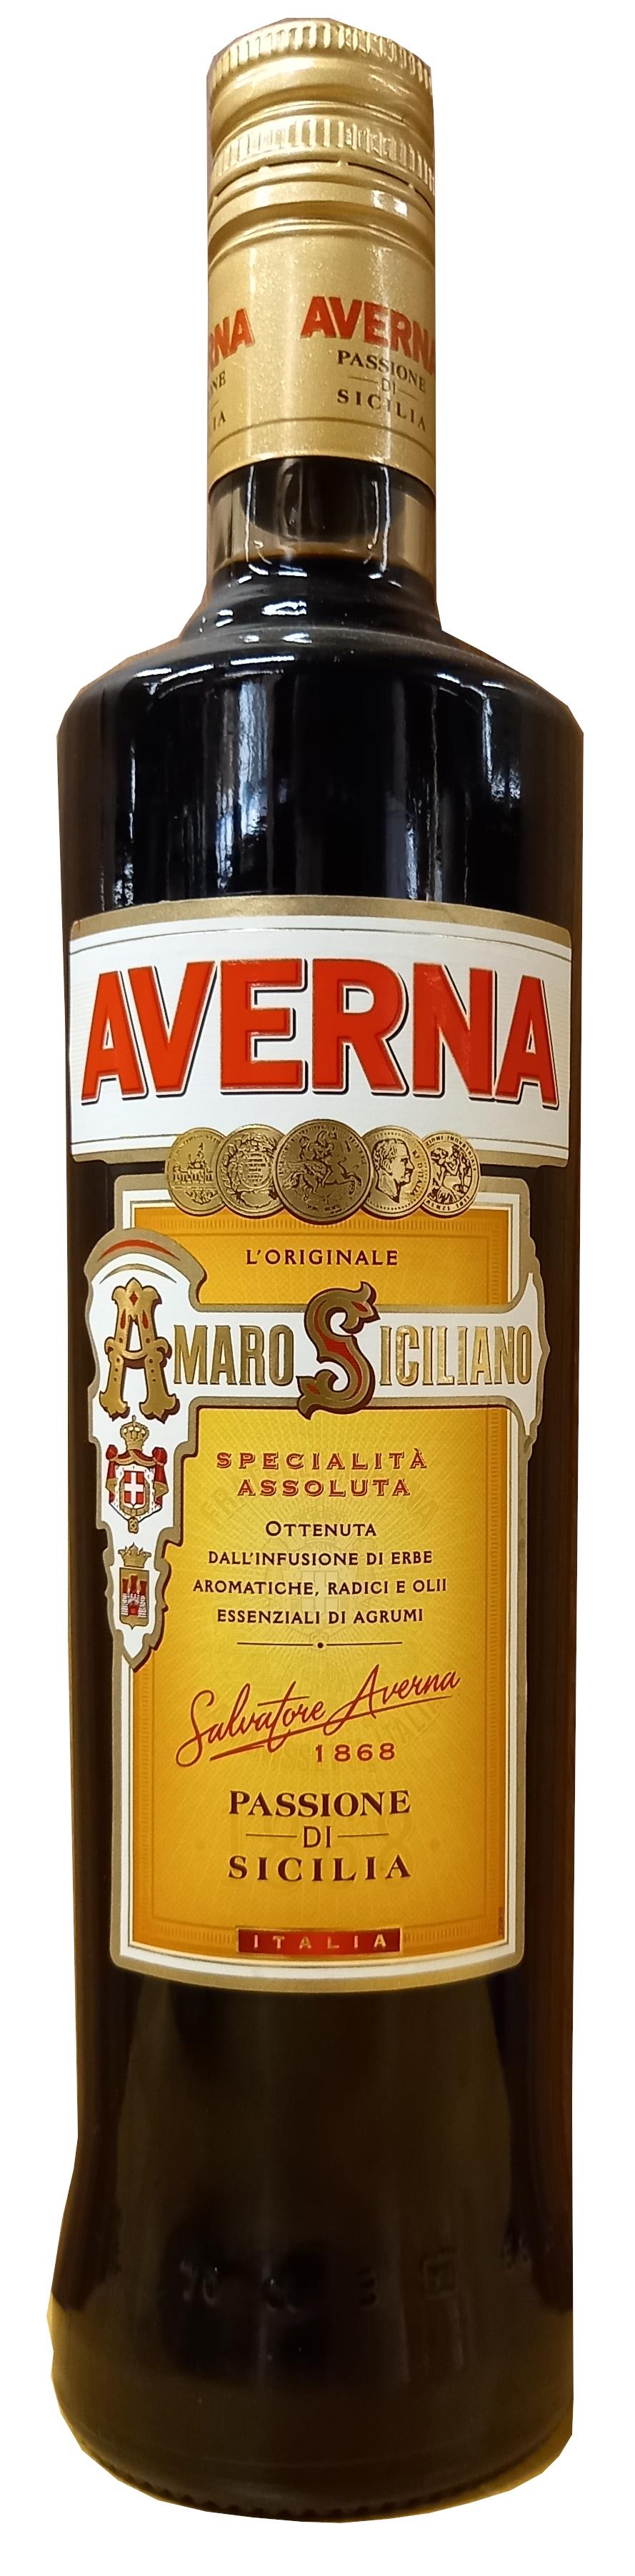 Averna Amaro Siciliana